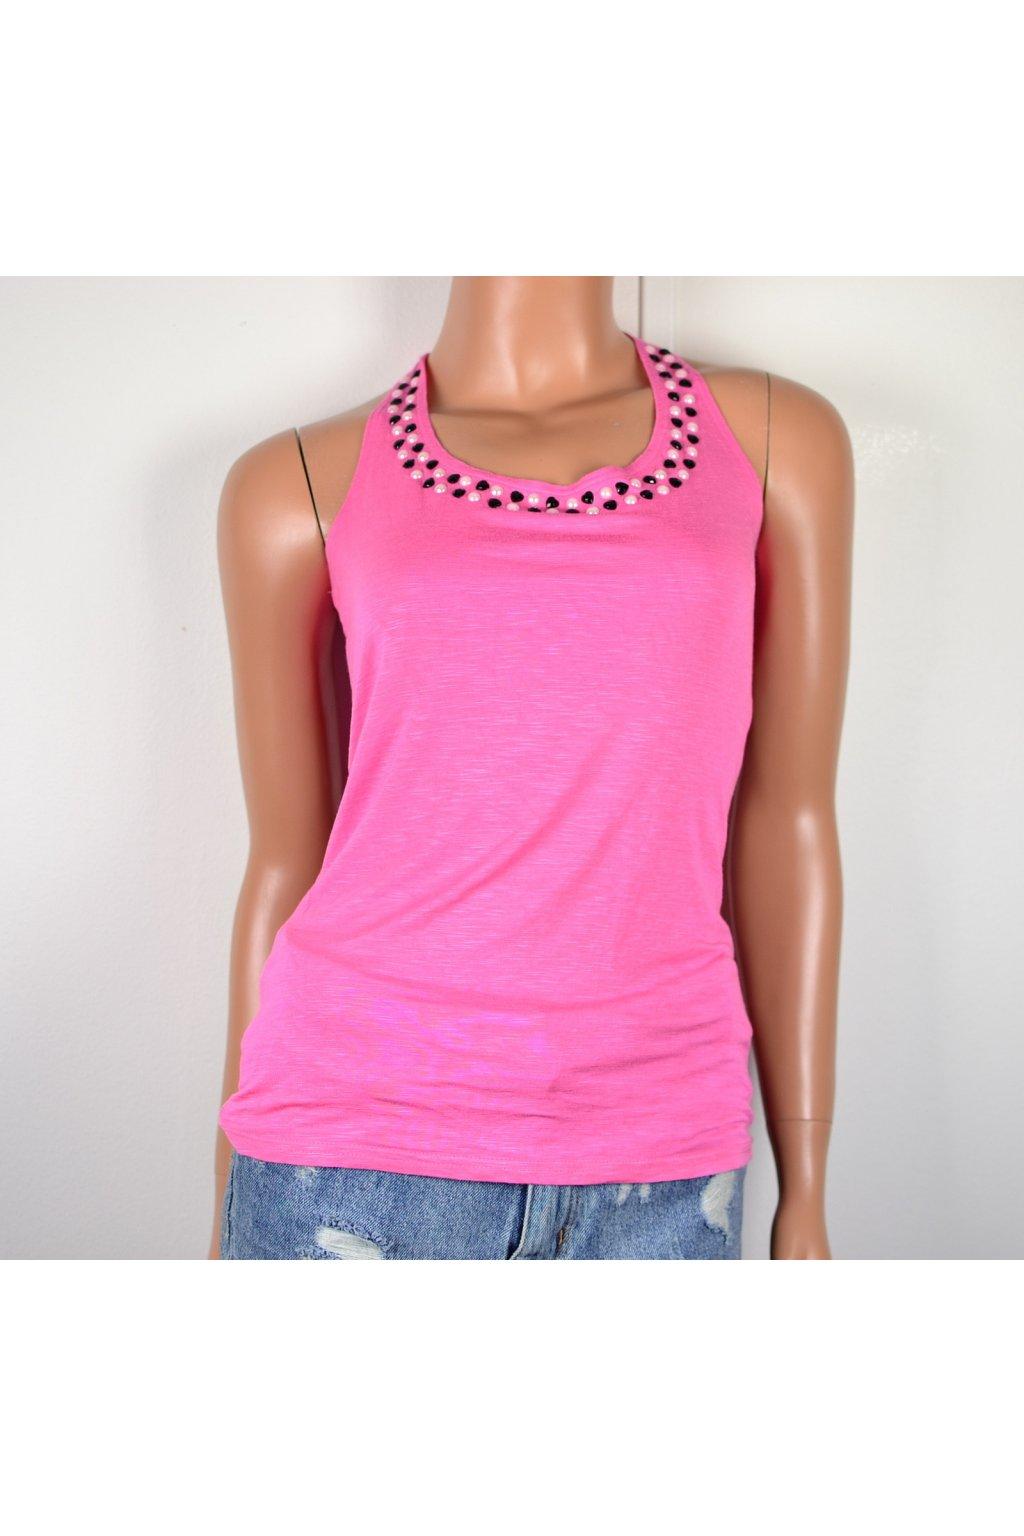 Tílko tričko Takko vel S růžové s ozdobou